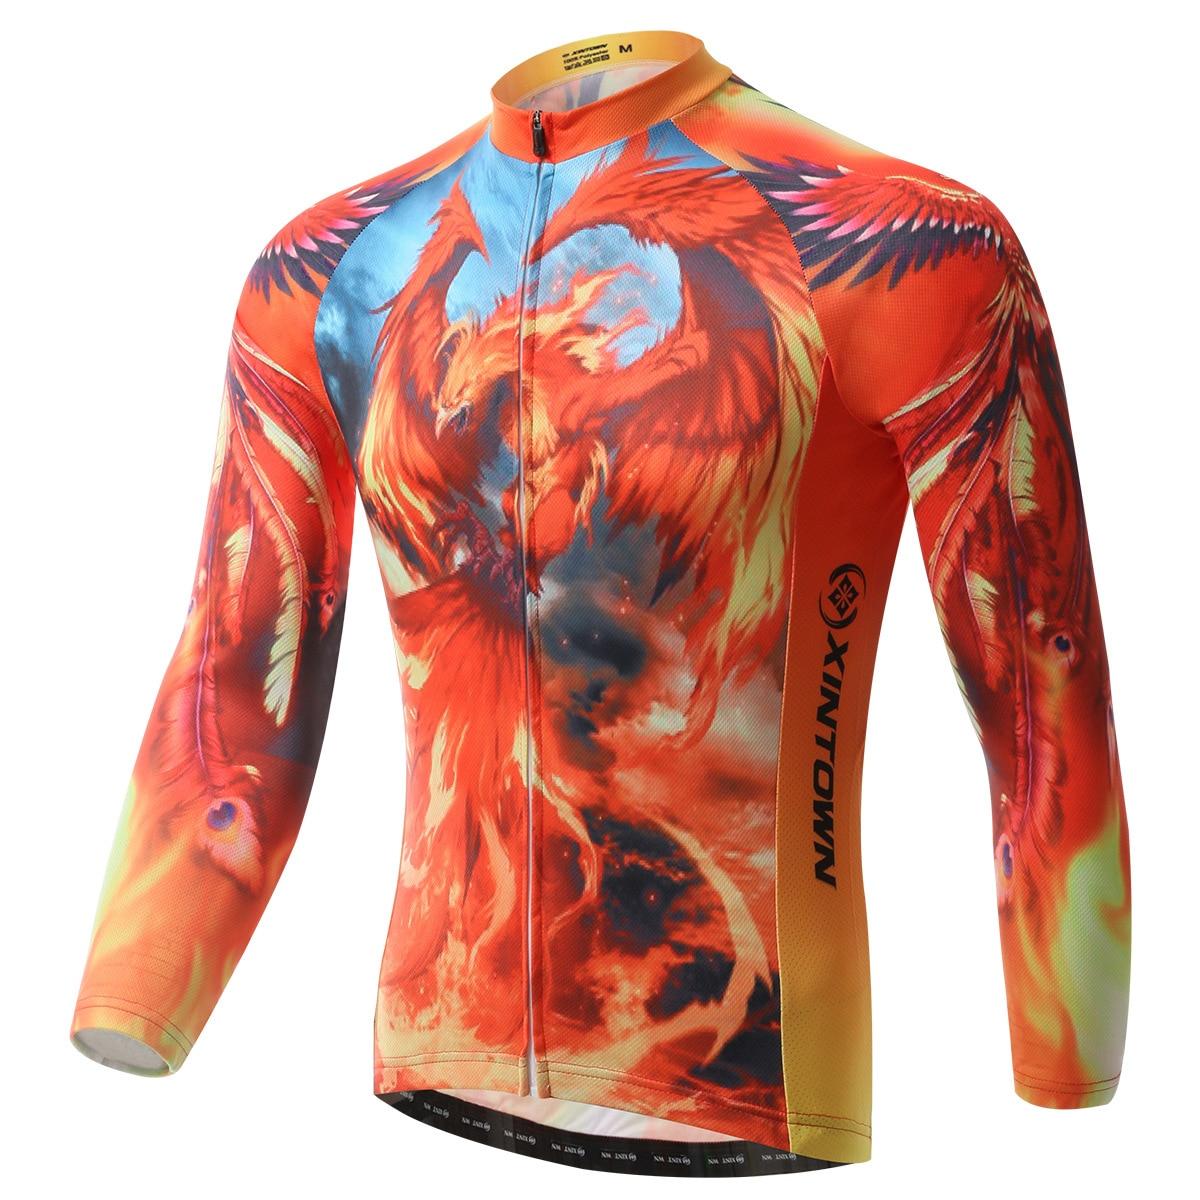 más vendido imágenes oficiales el más nuevo € 20.09 30% de DESCUENTO|Camiseta de Ciclismo manga larga hormiga sudor  Fénix fuego hombres Bicicleta camiseta Ciclismo Bicicleta exterior  carretera ...